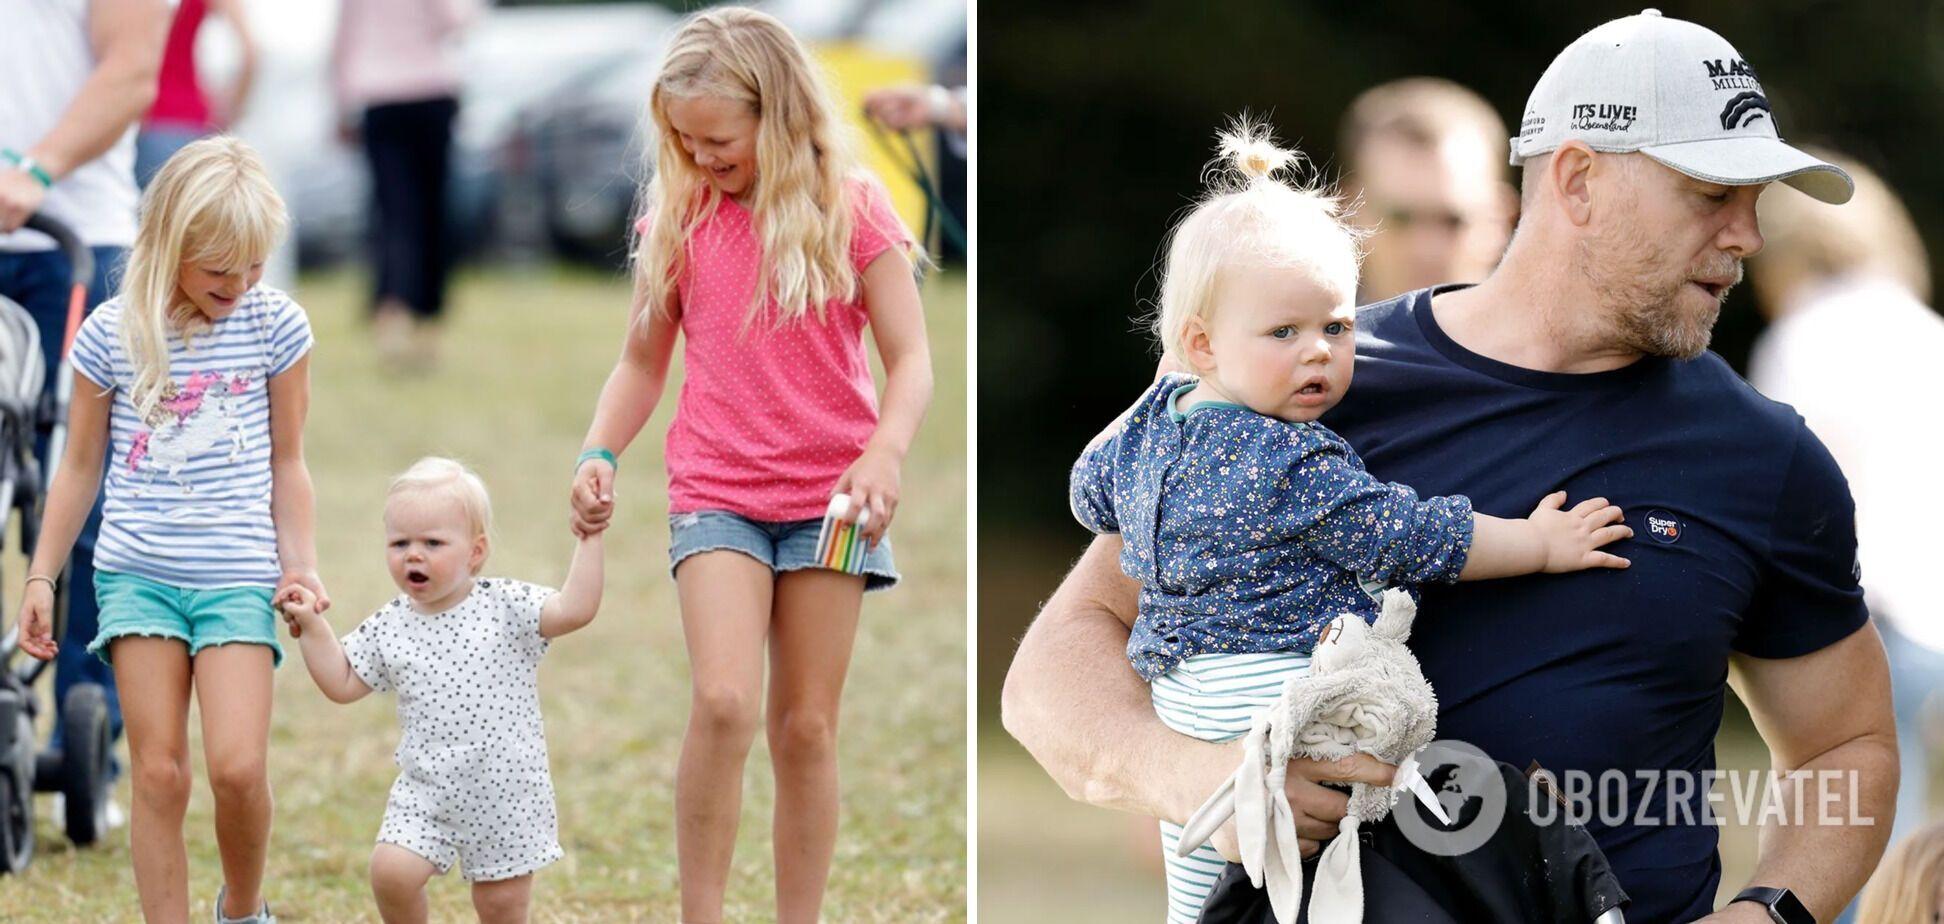 Лена Элизабет Тиндалл является внучкой принцессы Анны.